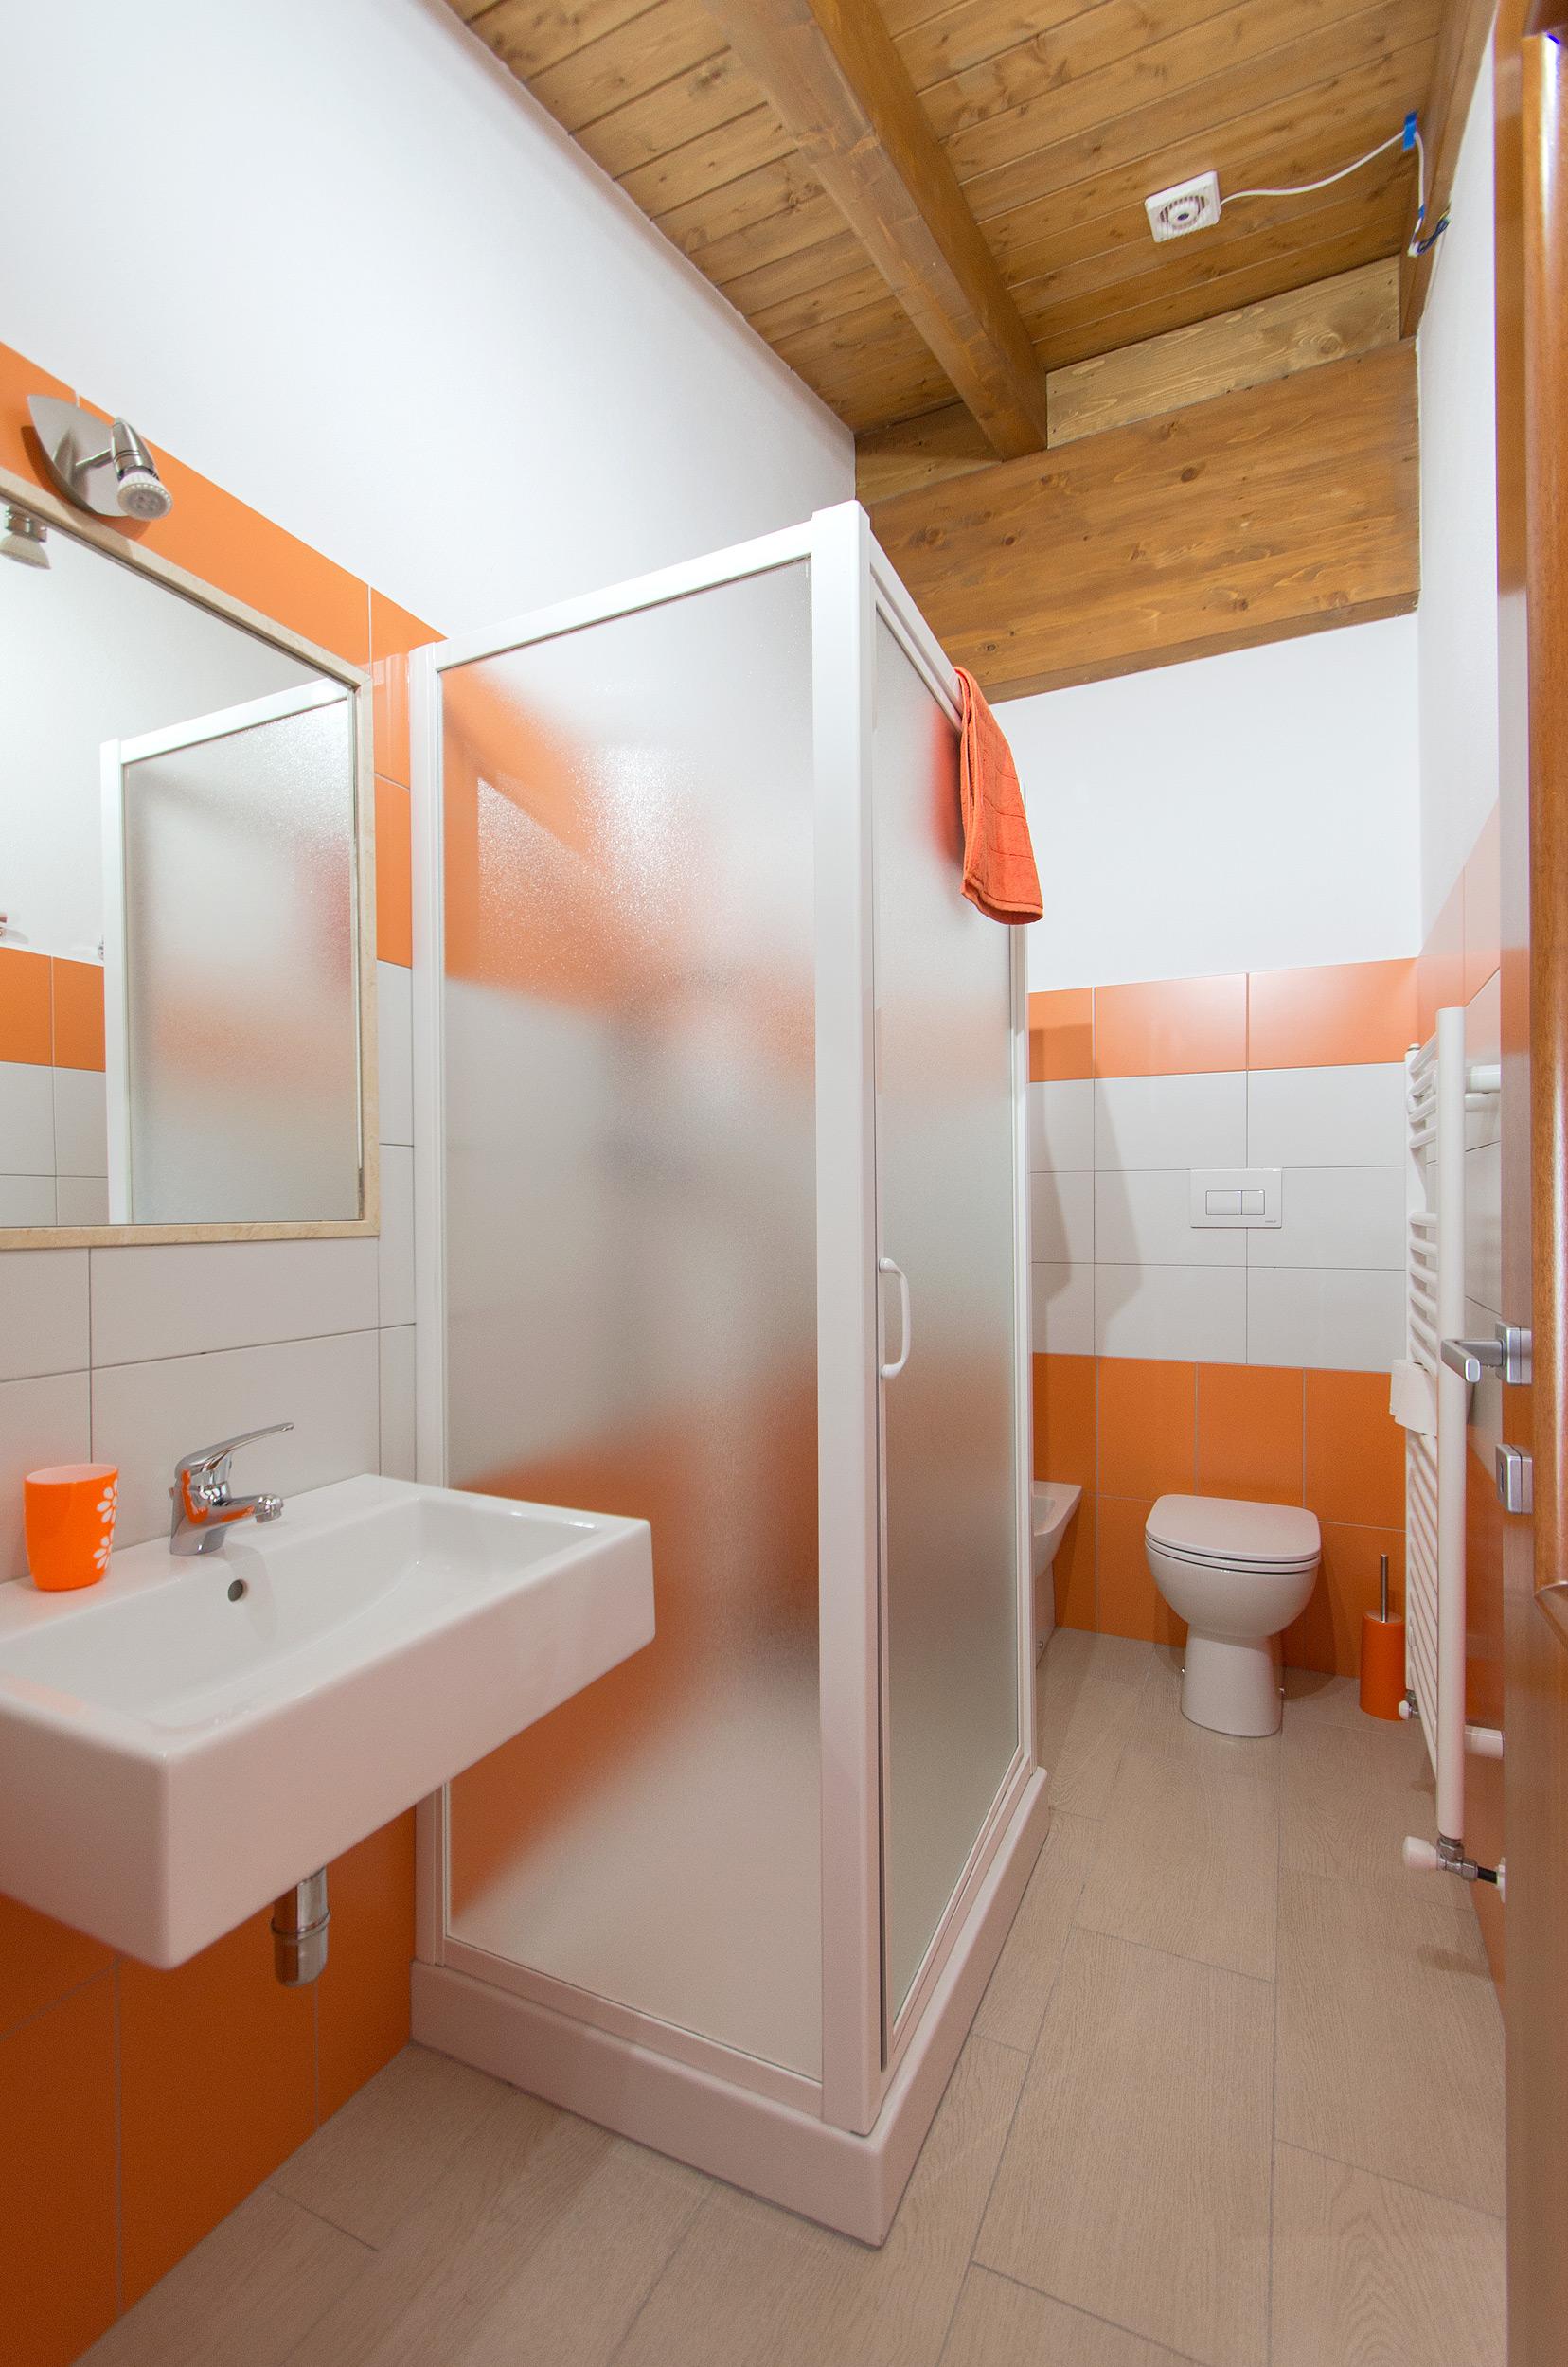 la stanza Arancione - il bagno